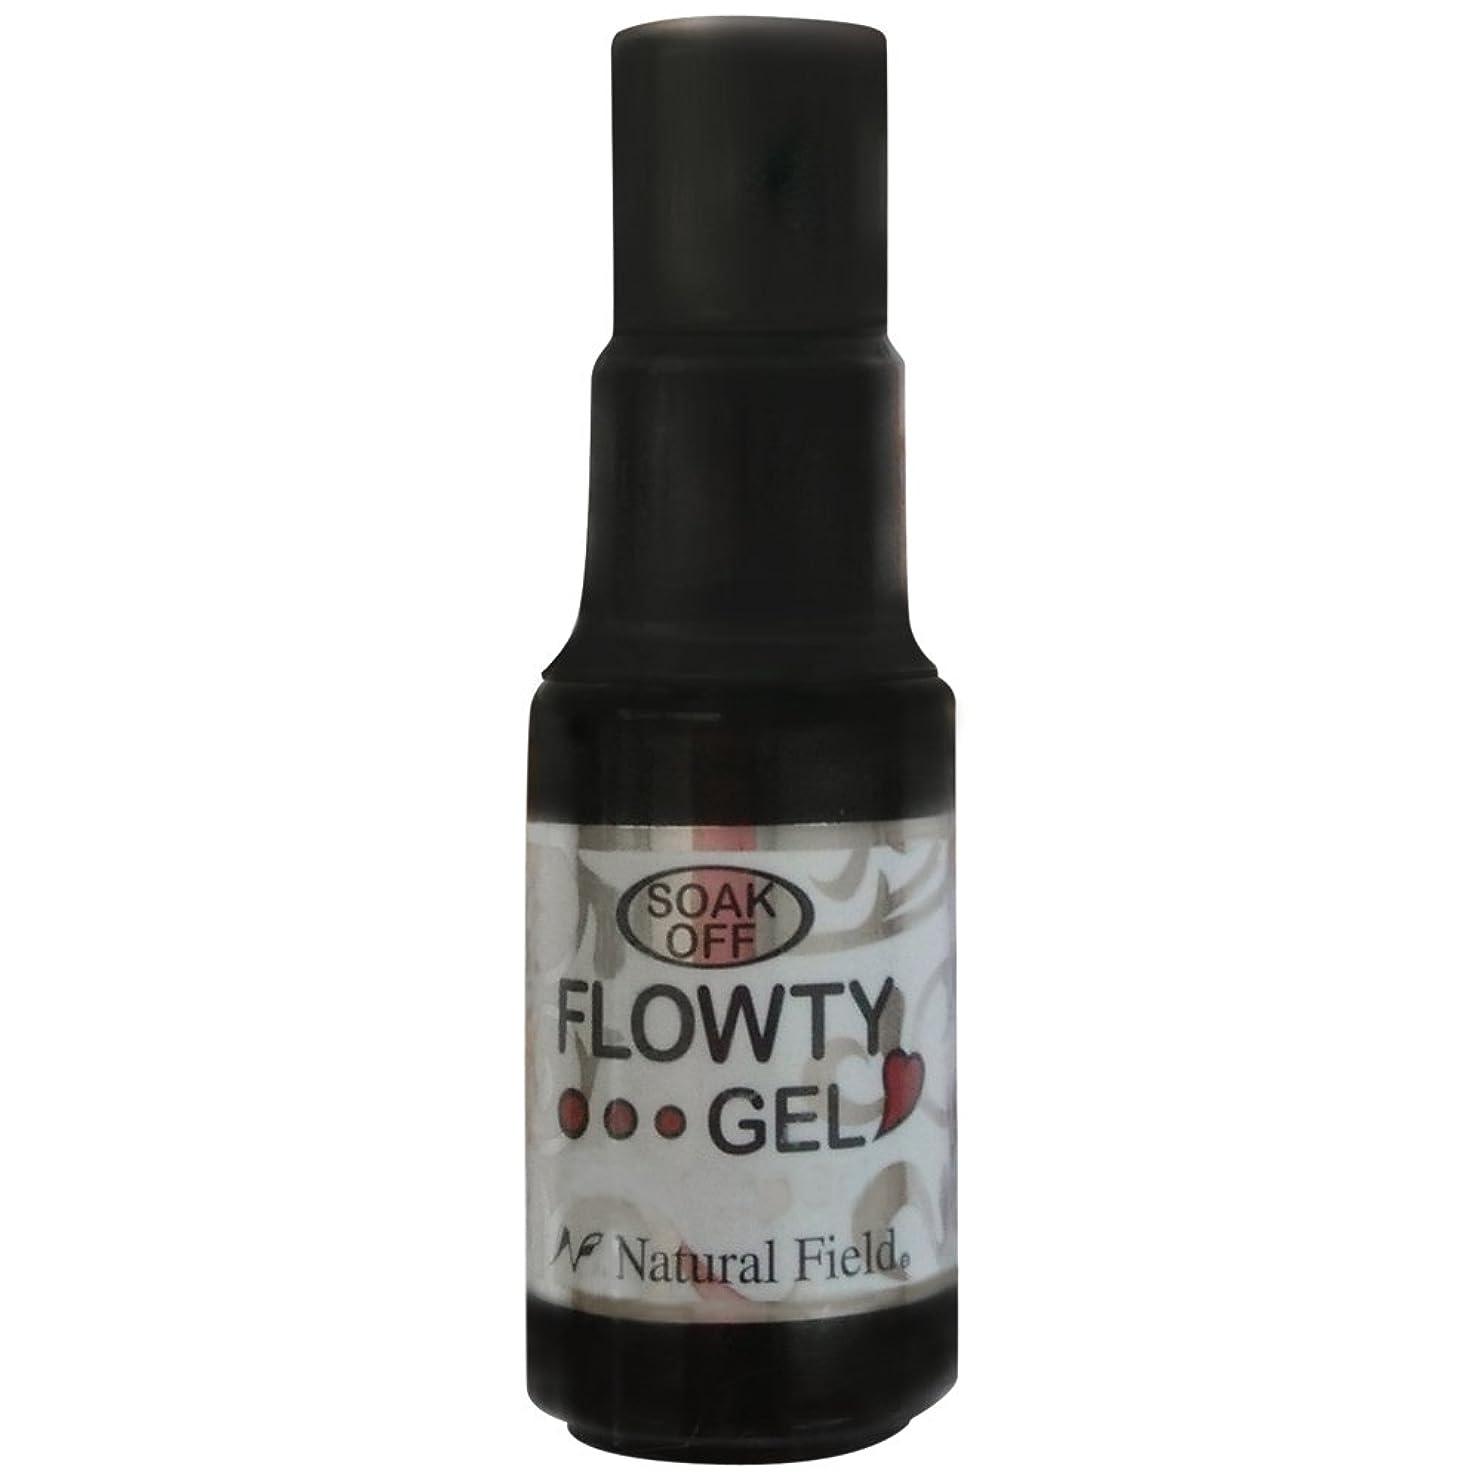 実験室尊厳お酒Natural Field Melty Gel フローティジェル 4113 ロゼッタ 7ml UV/LED対応 カラージェル